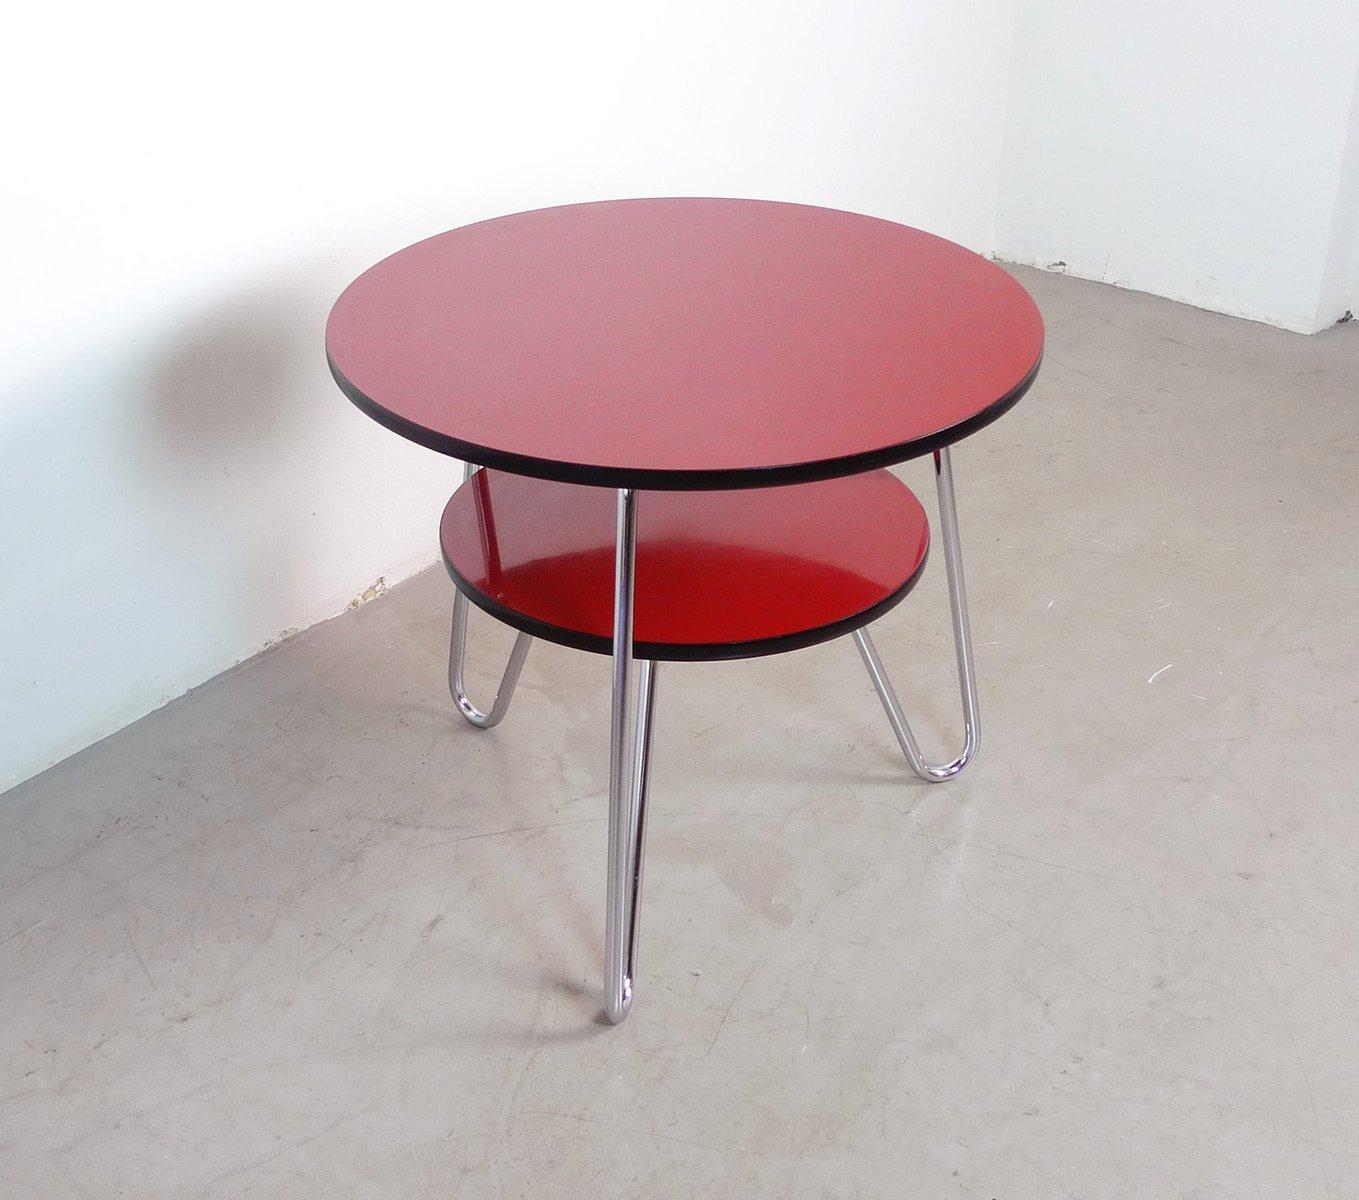 deutscher runder couchtisch mit ablage 1950er bei pamono kaufen. Black Bedroom Furniture Sets. Home Design Ideas